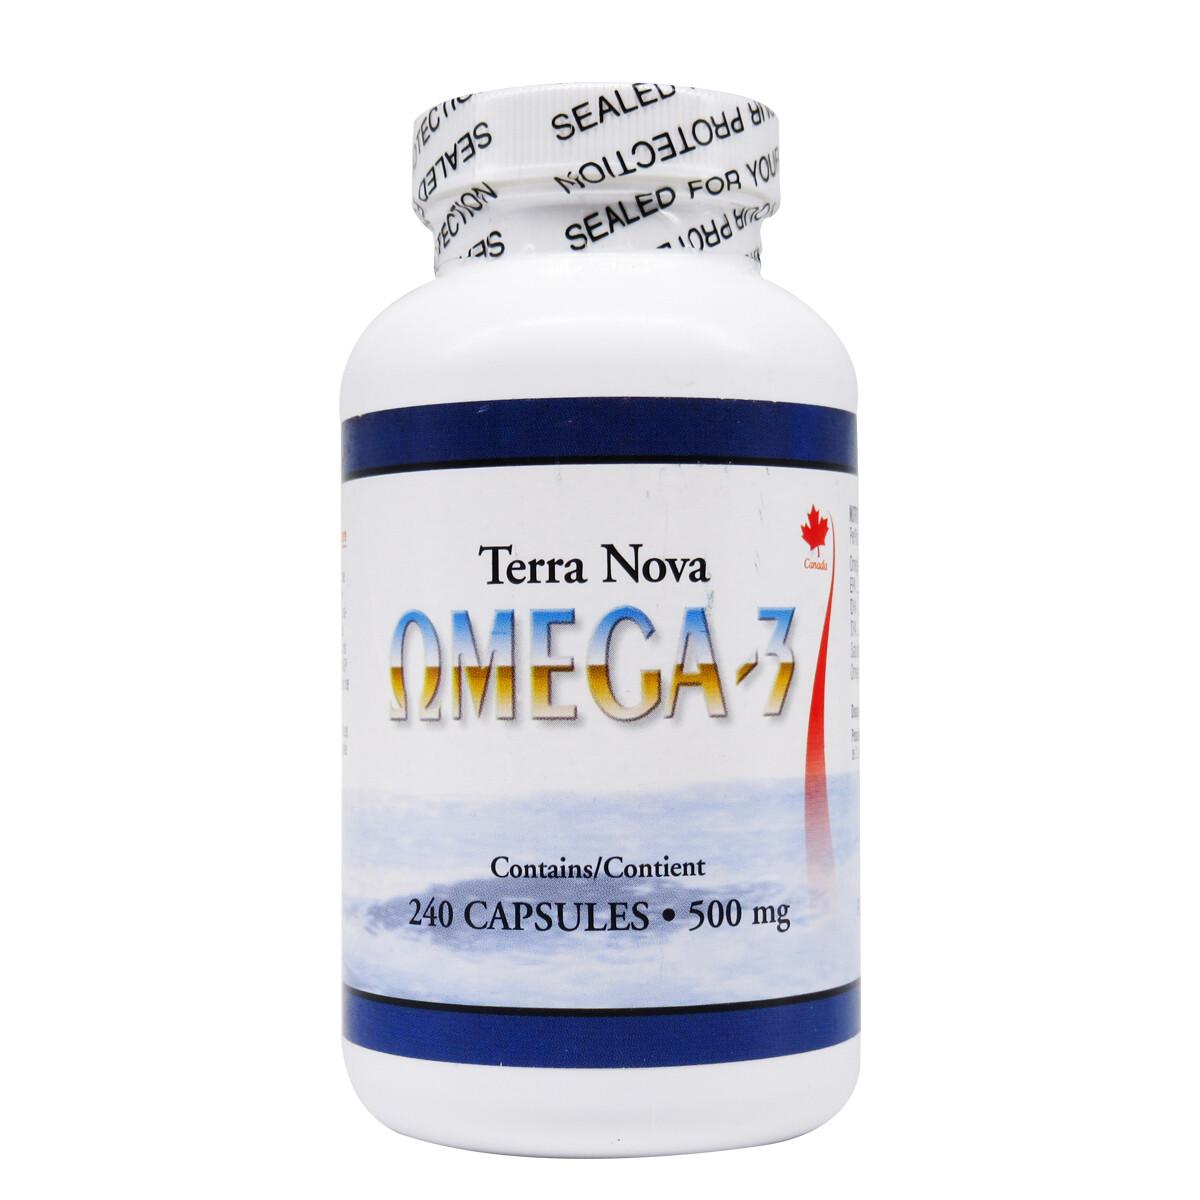 Terra Nova Omega-3 Seal Oil Capsules - 1 Bottle